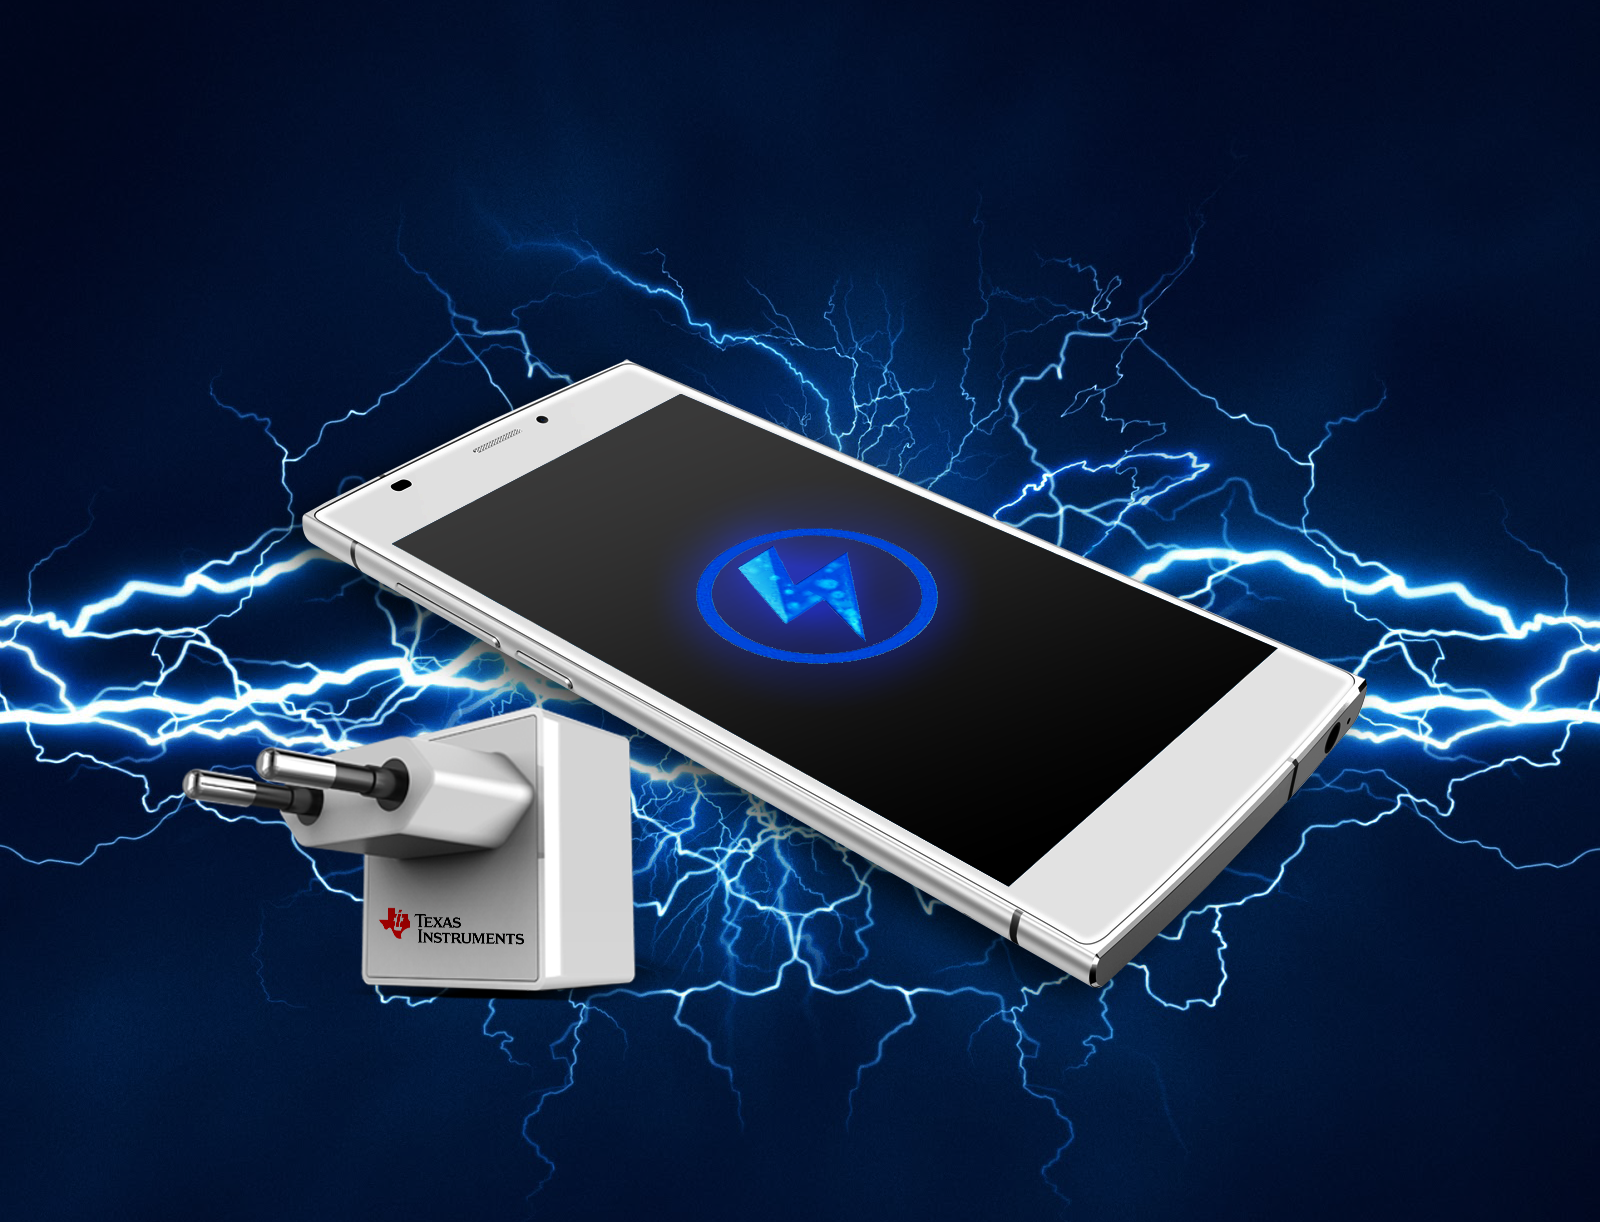 umi zero fast charging